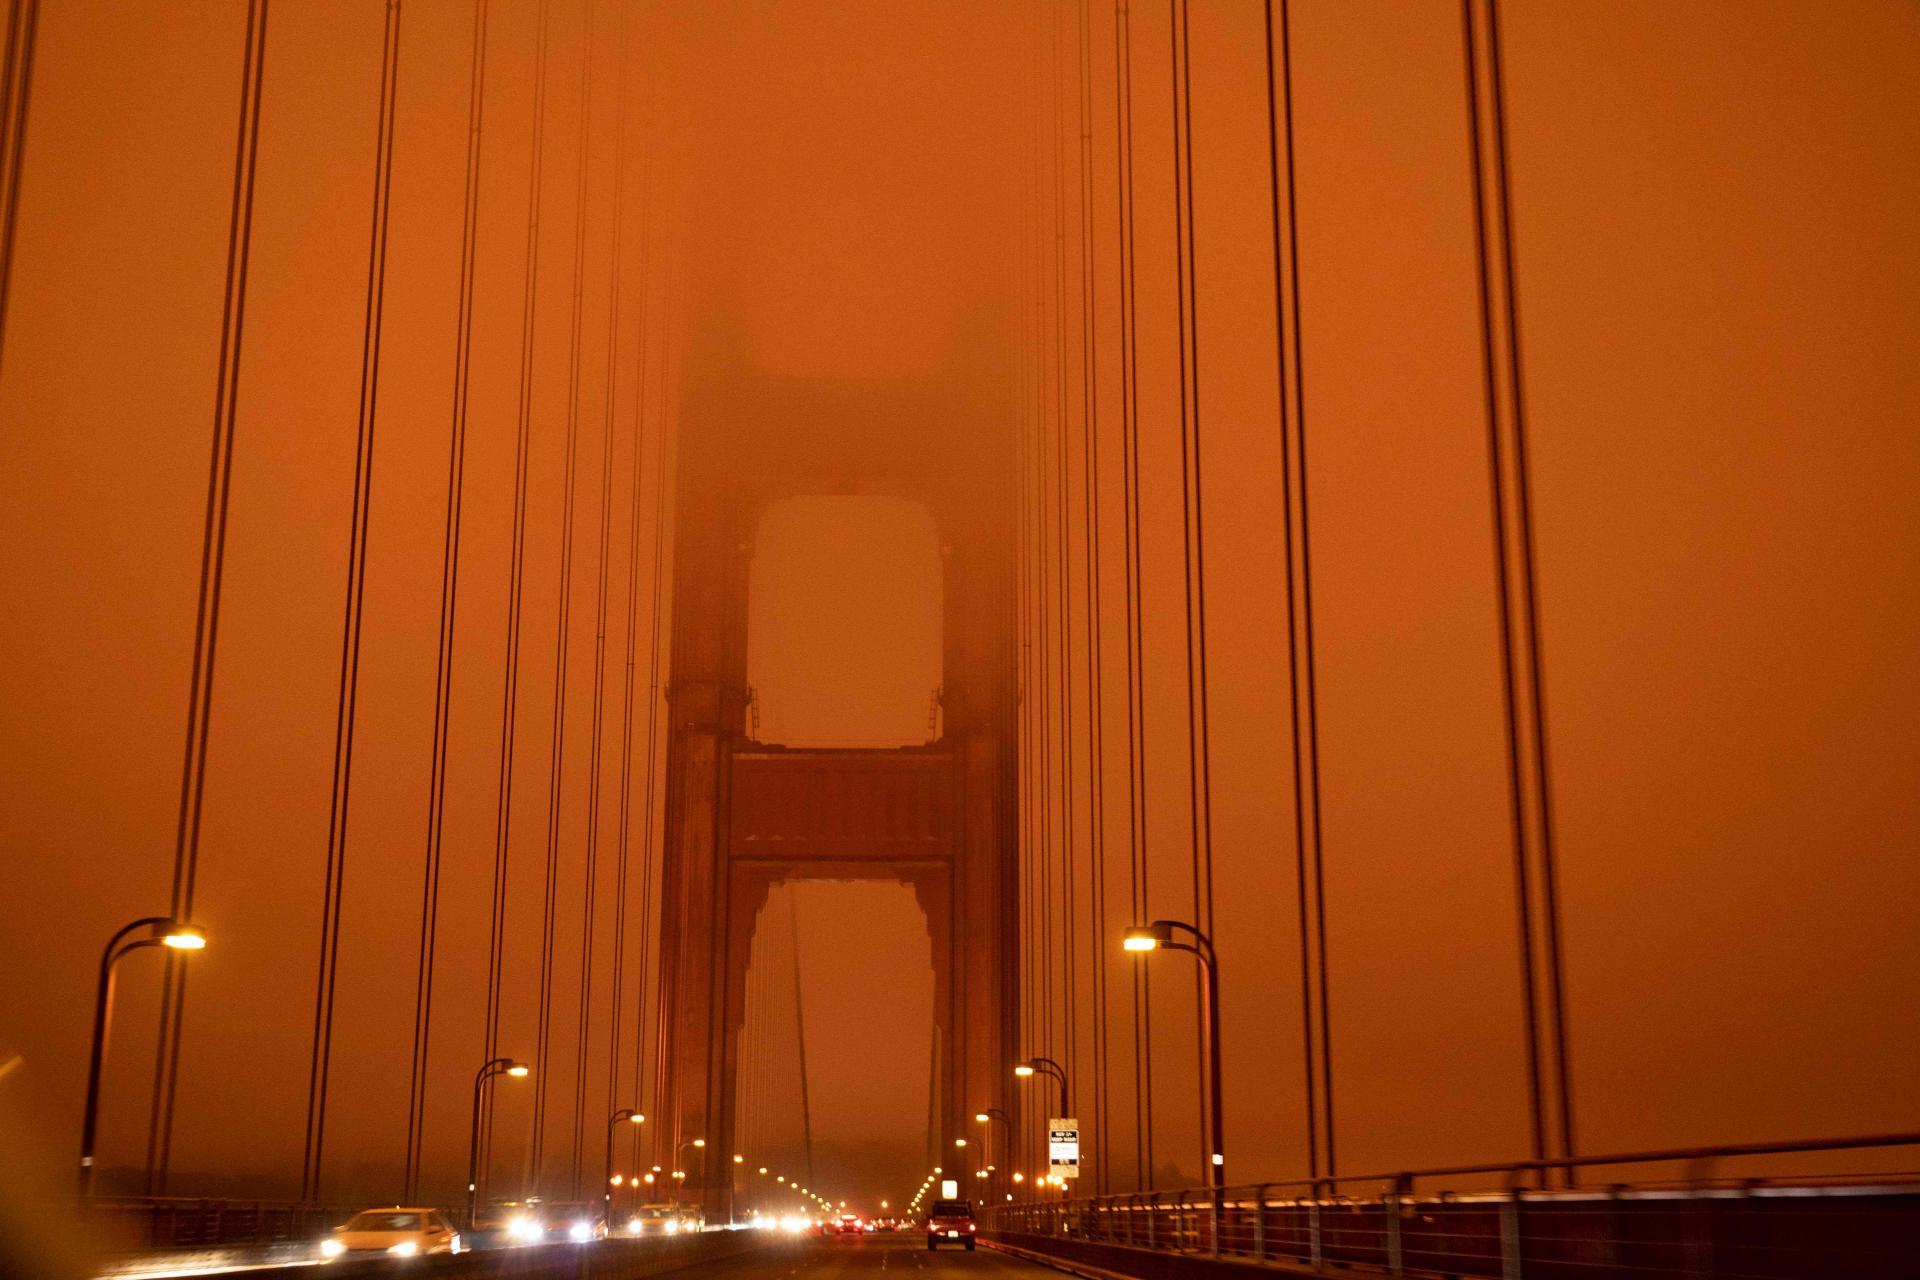 Le pont du Golden Gate sous une épaisse fumée orange, alors que 35 incendies ravagent la région de San Francisco, le 9 septembre.